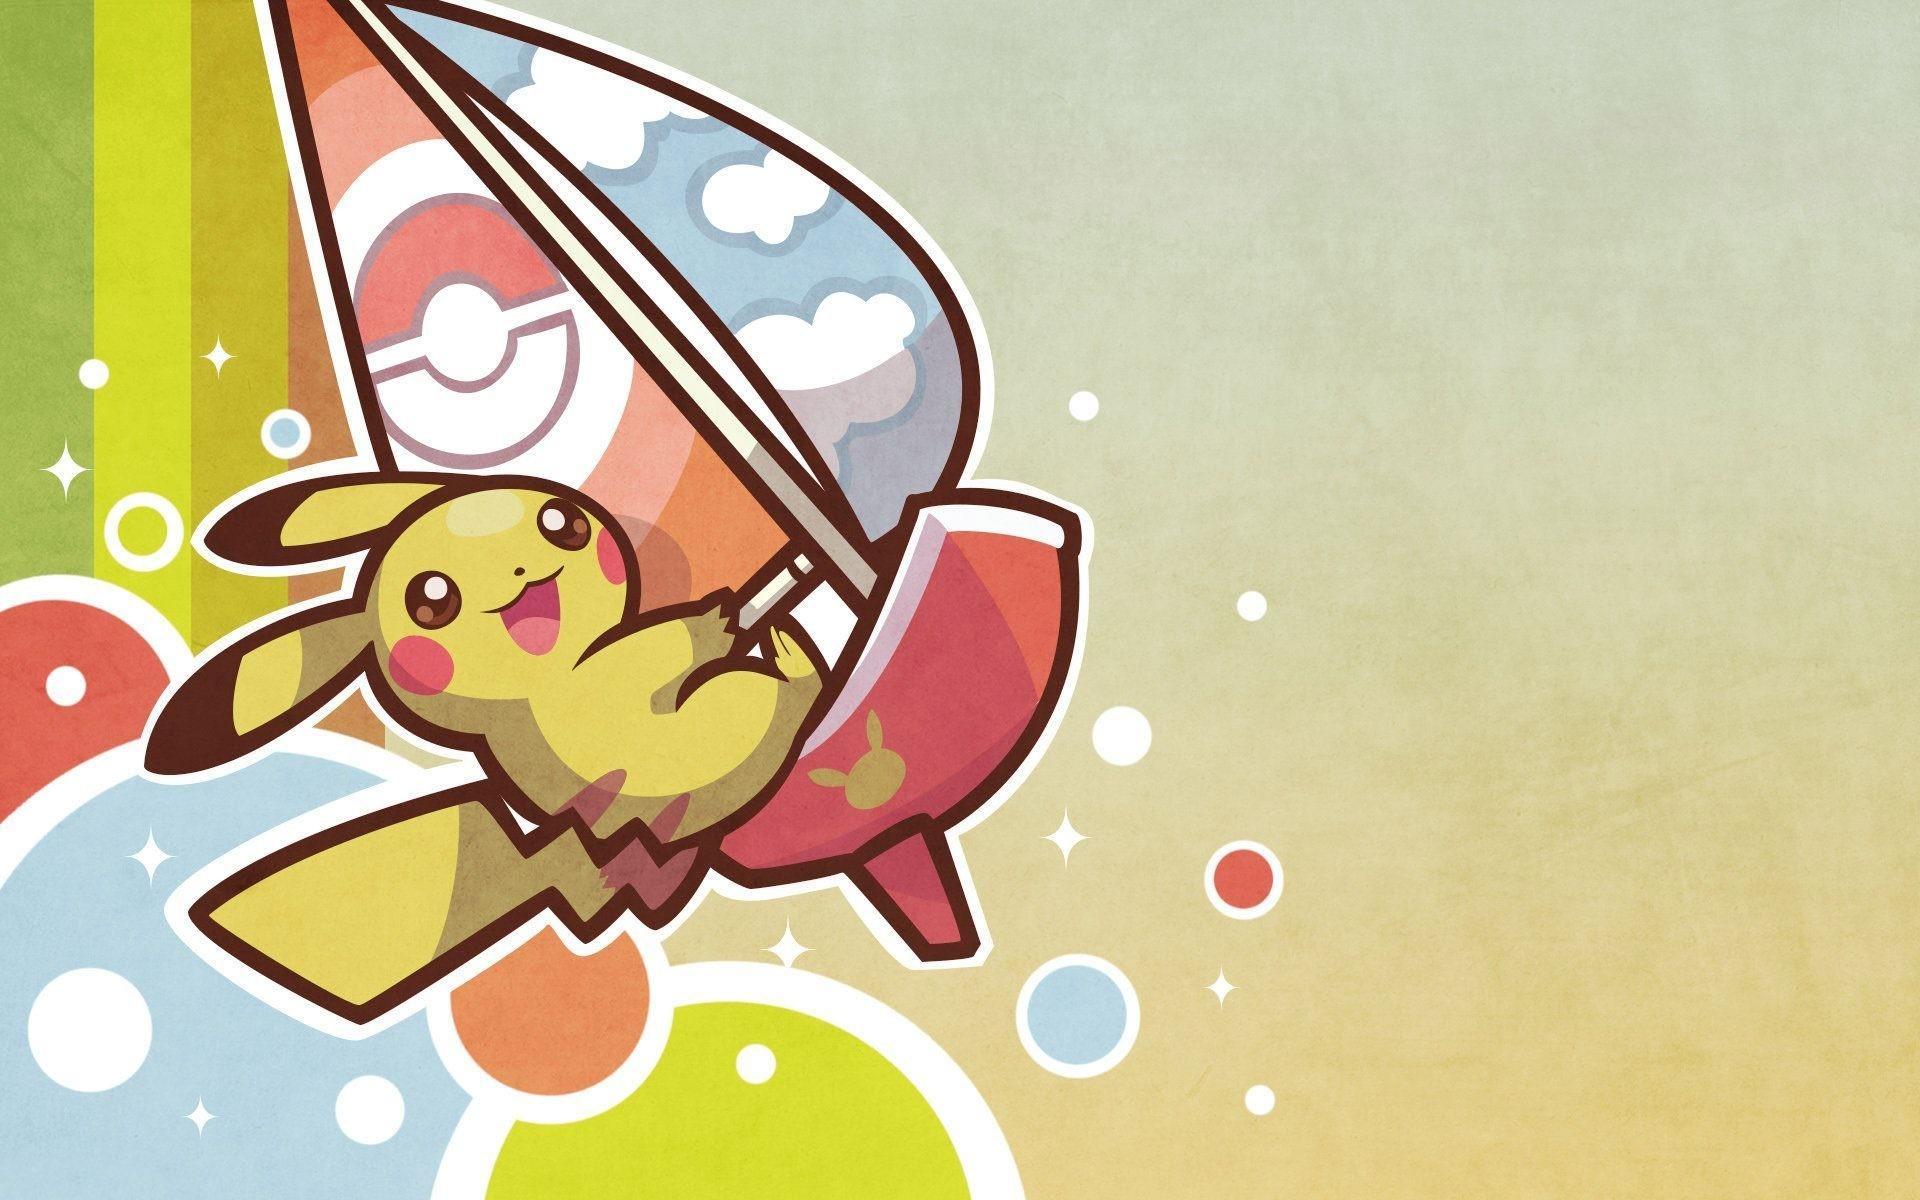 Cute Pokemon Wallpapers Hd Resolution